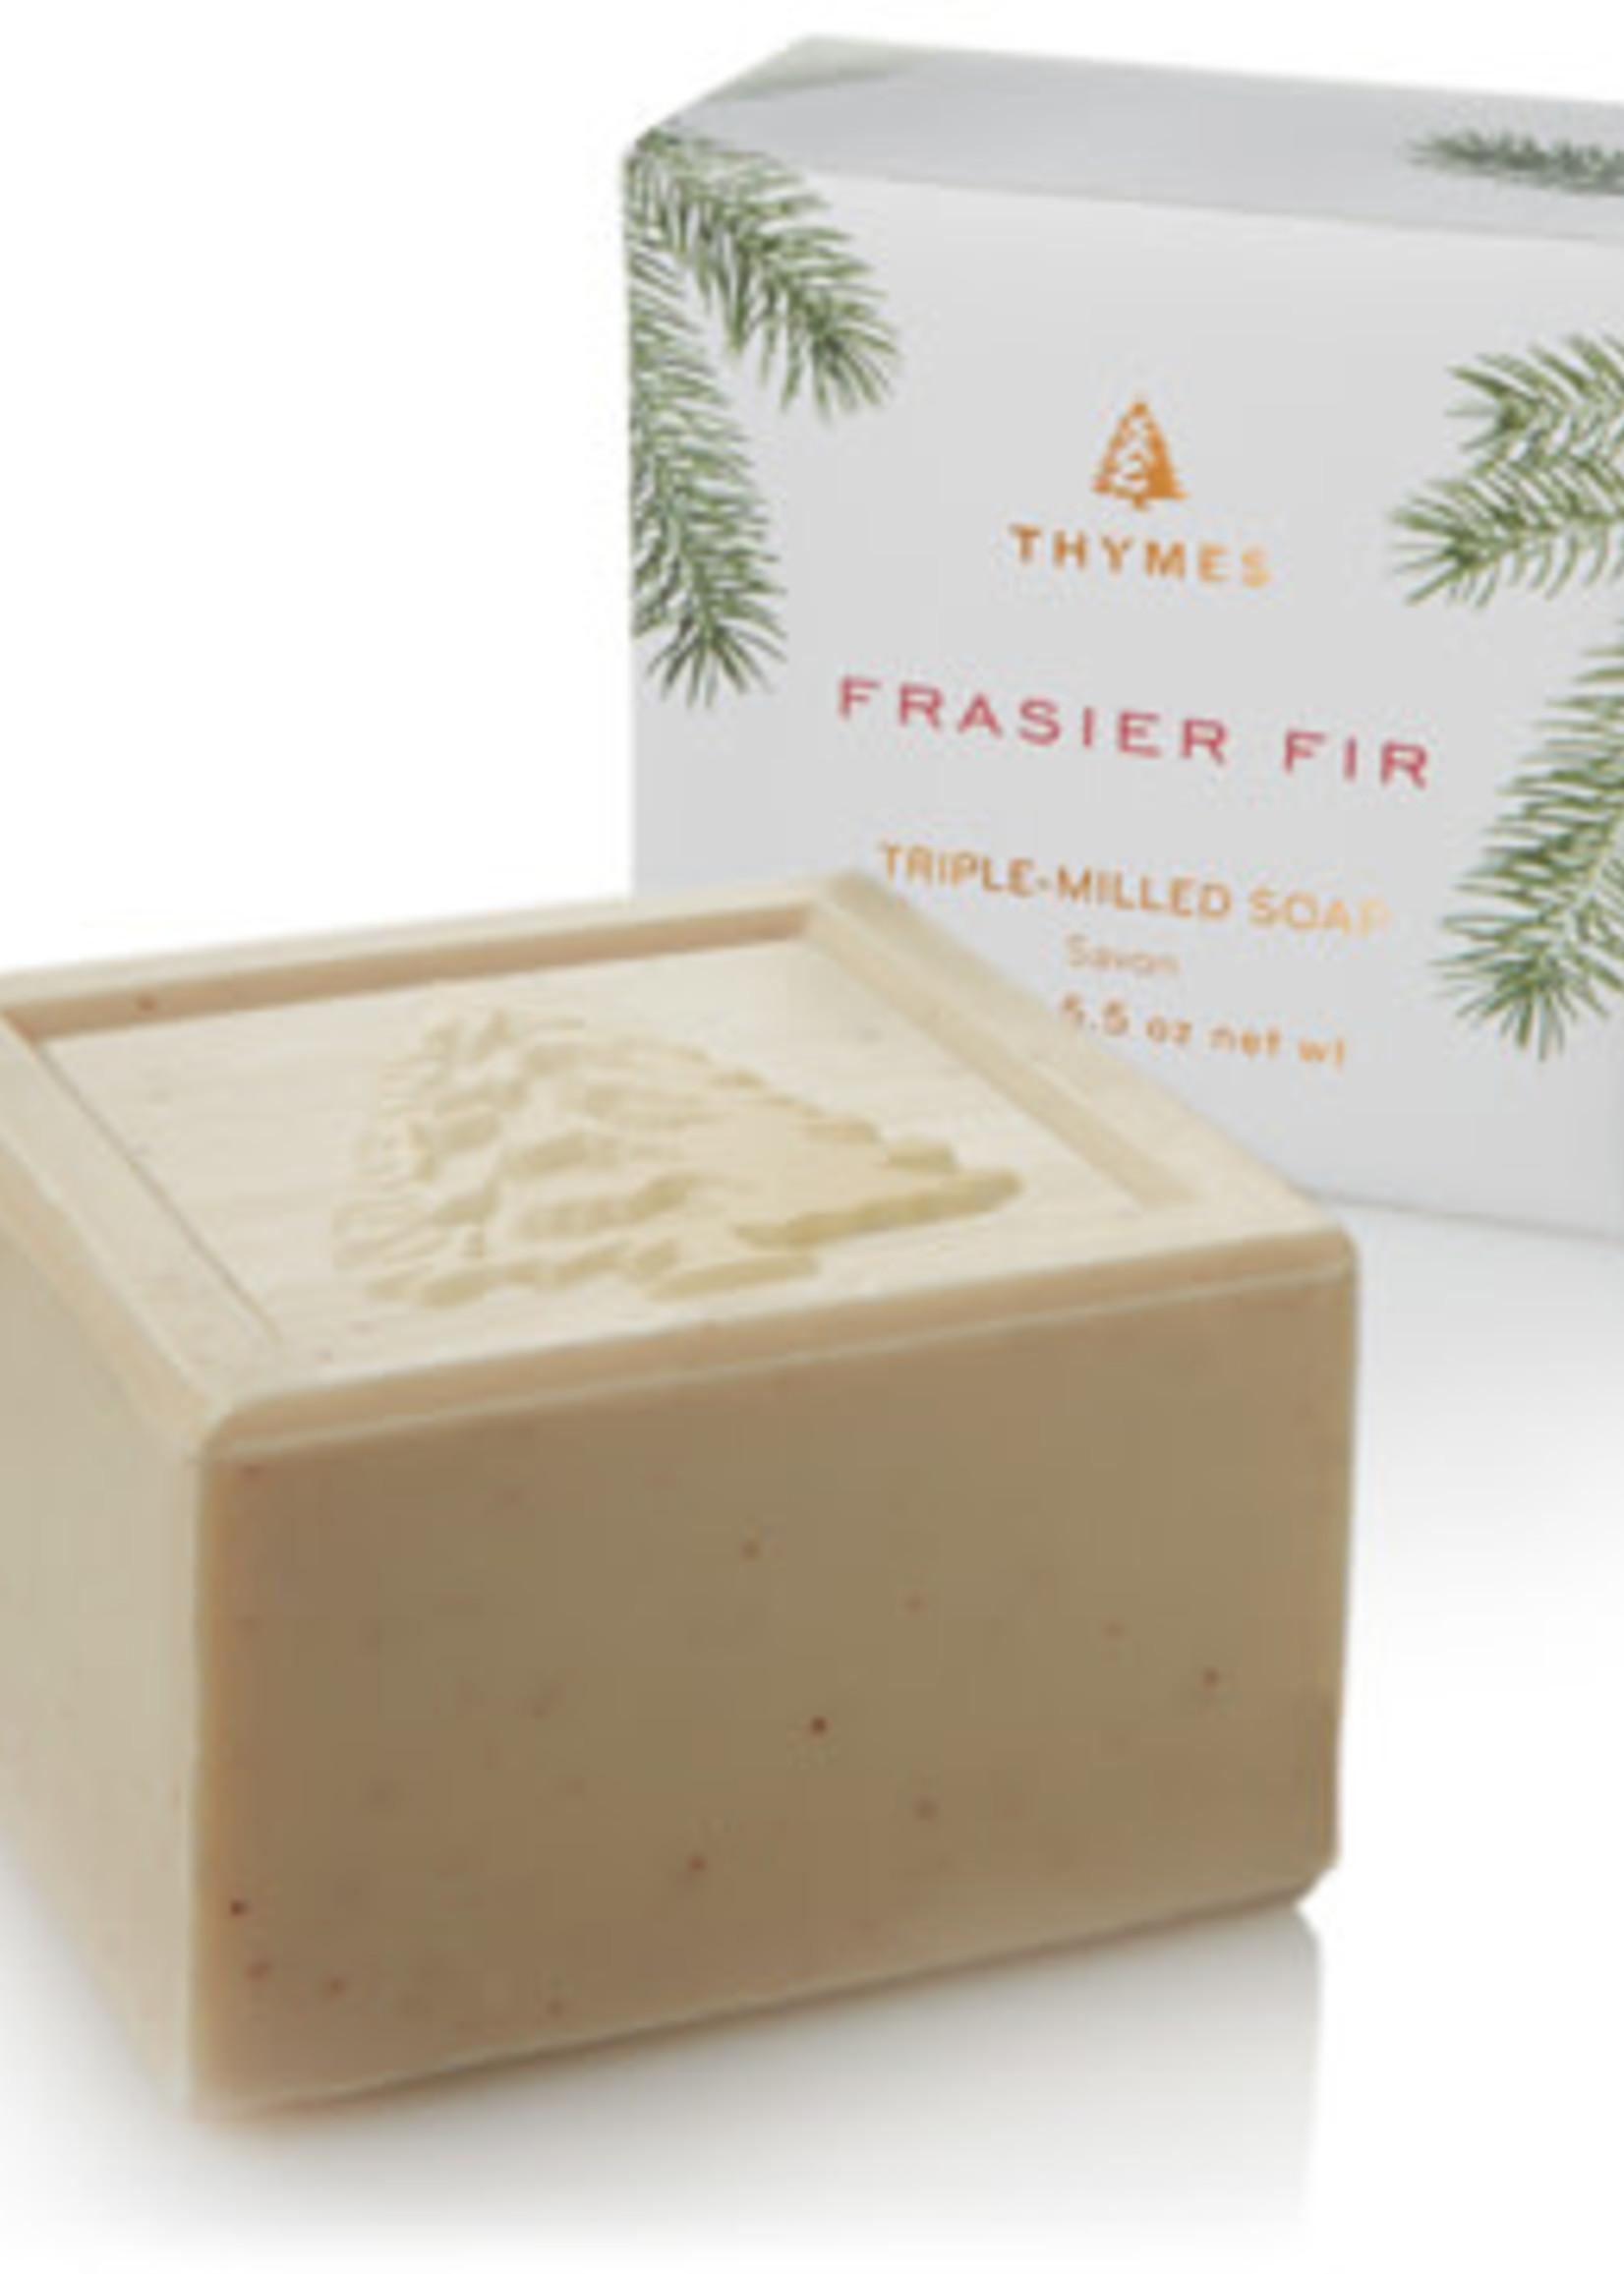 Frasier Fir Soap Bar